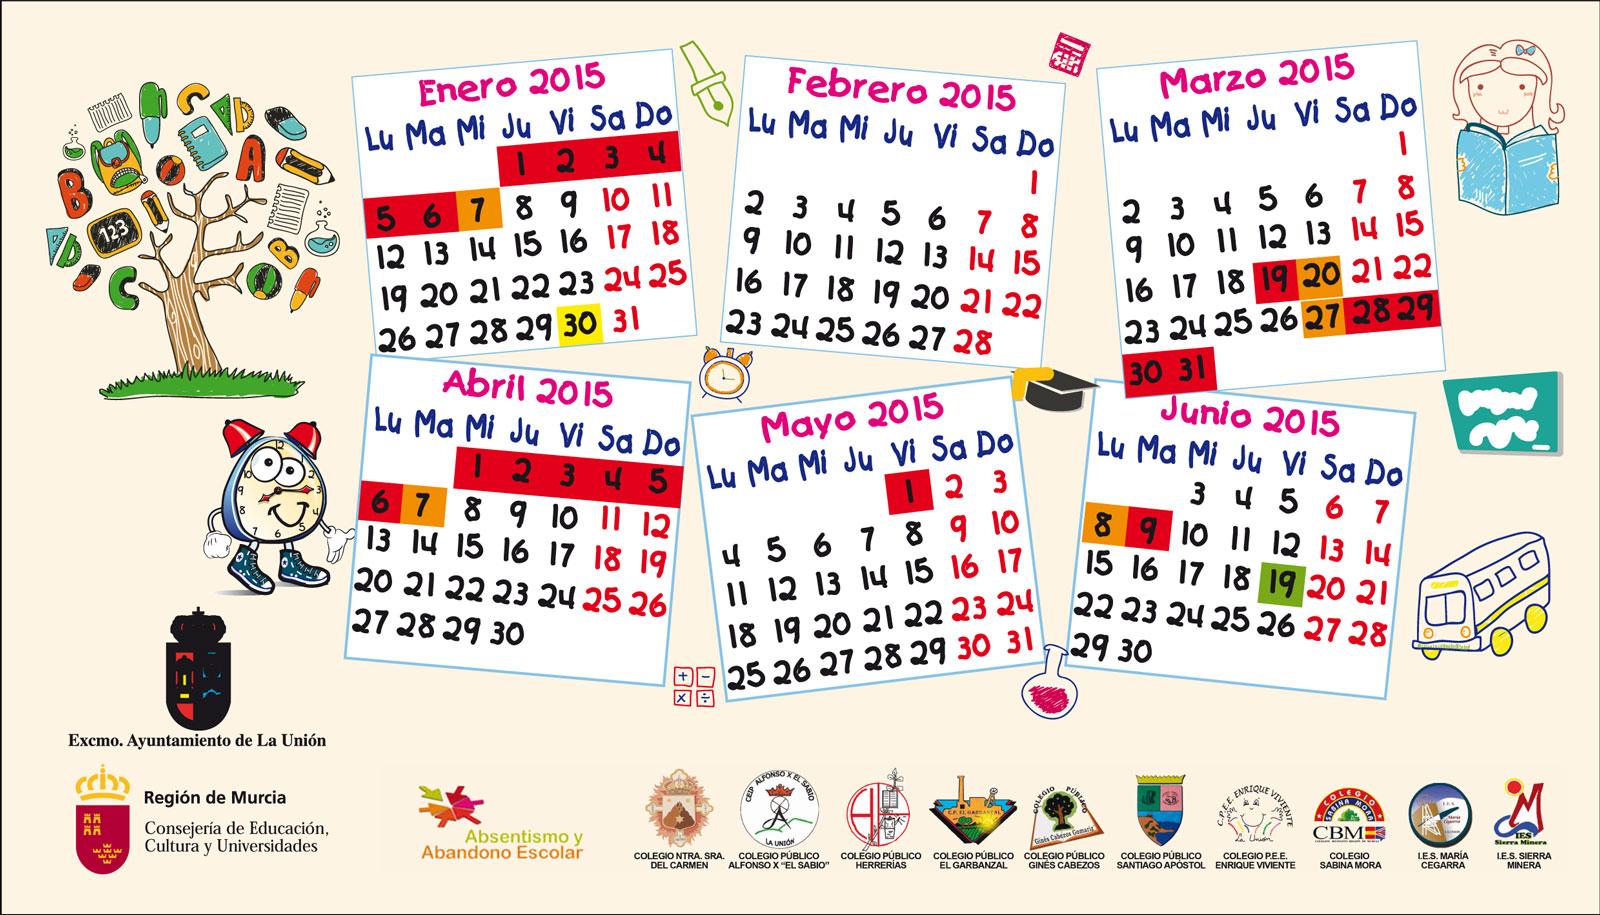 Calendario-Escolar-2014   Excmo. Ayuntamiento de La Unión